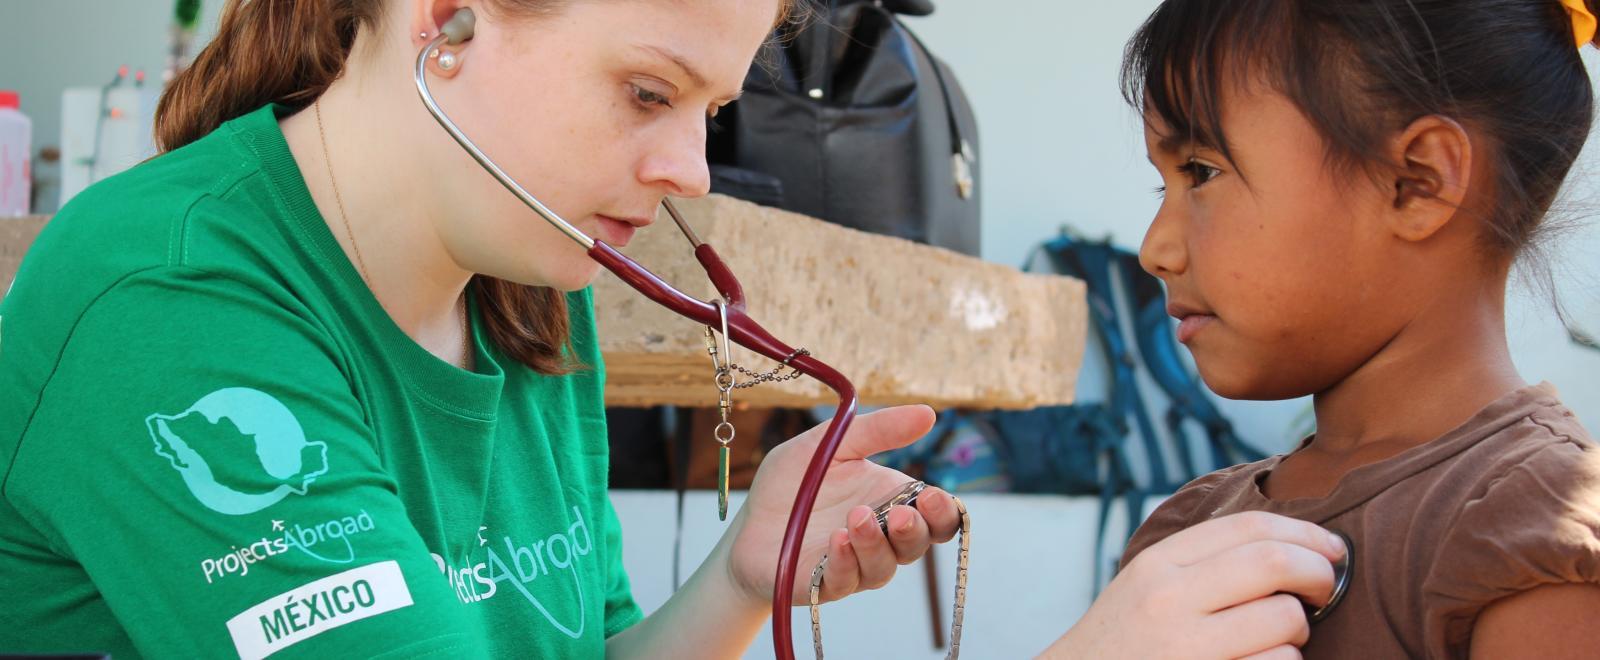 Joven voluntaria midiendo el pulso de una niña en unas prácticas médicas.